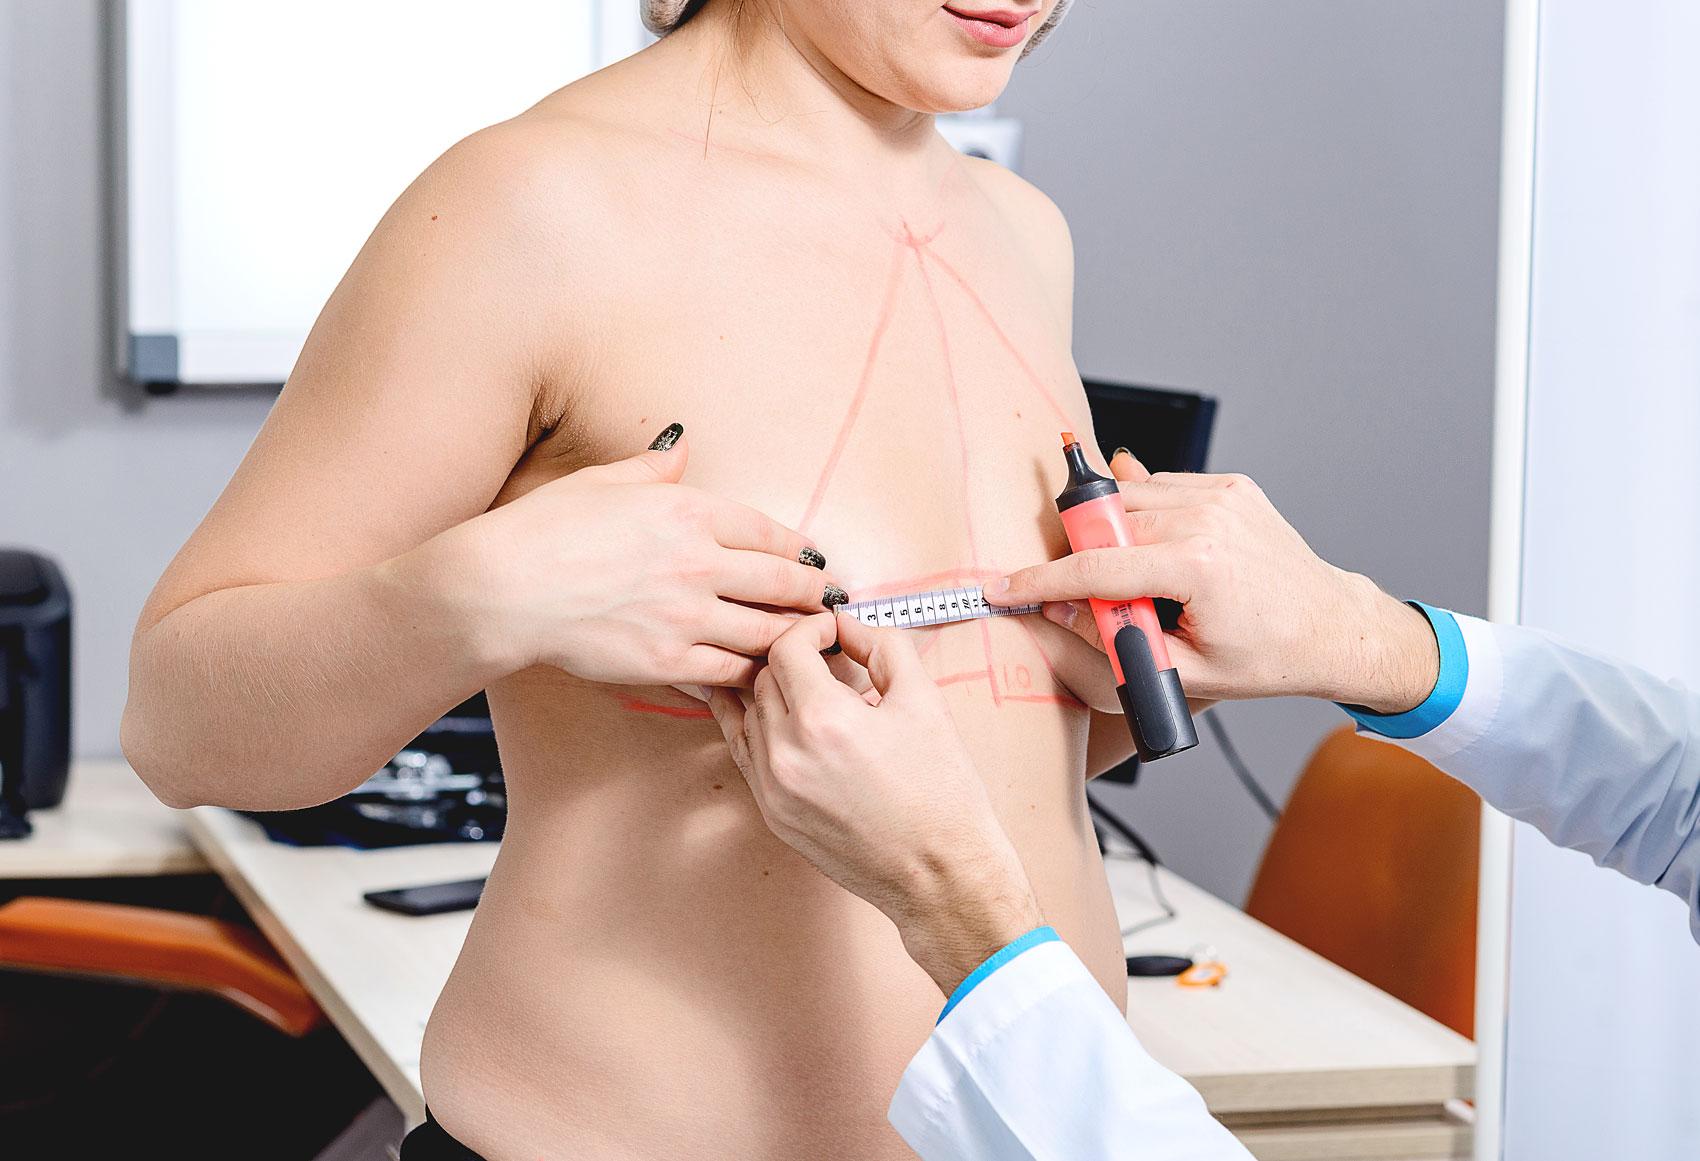 inför bröstoperation på kvinna